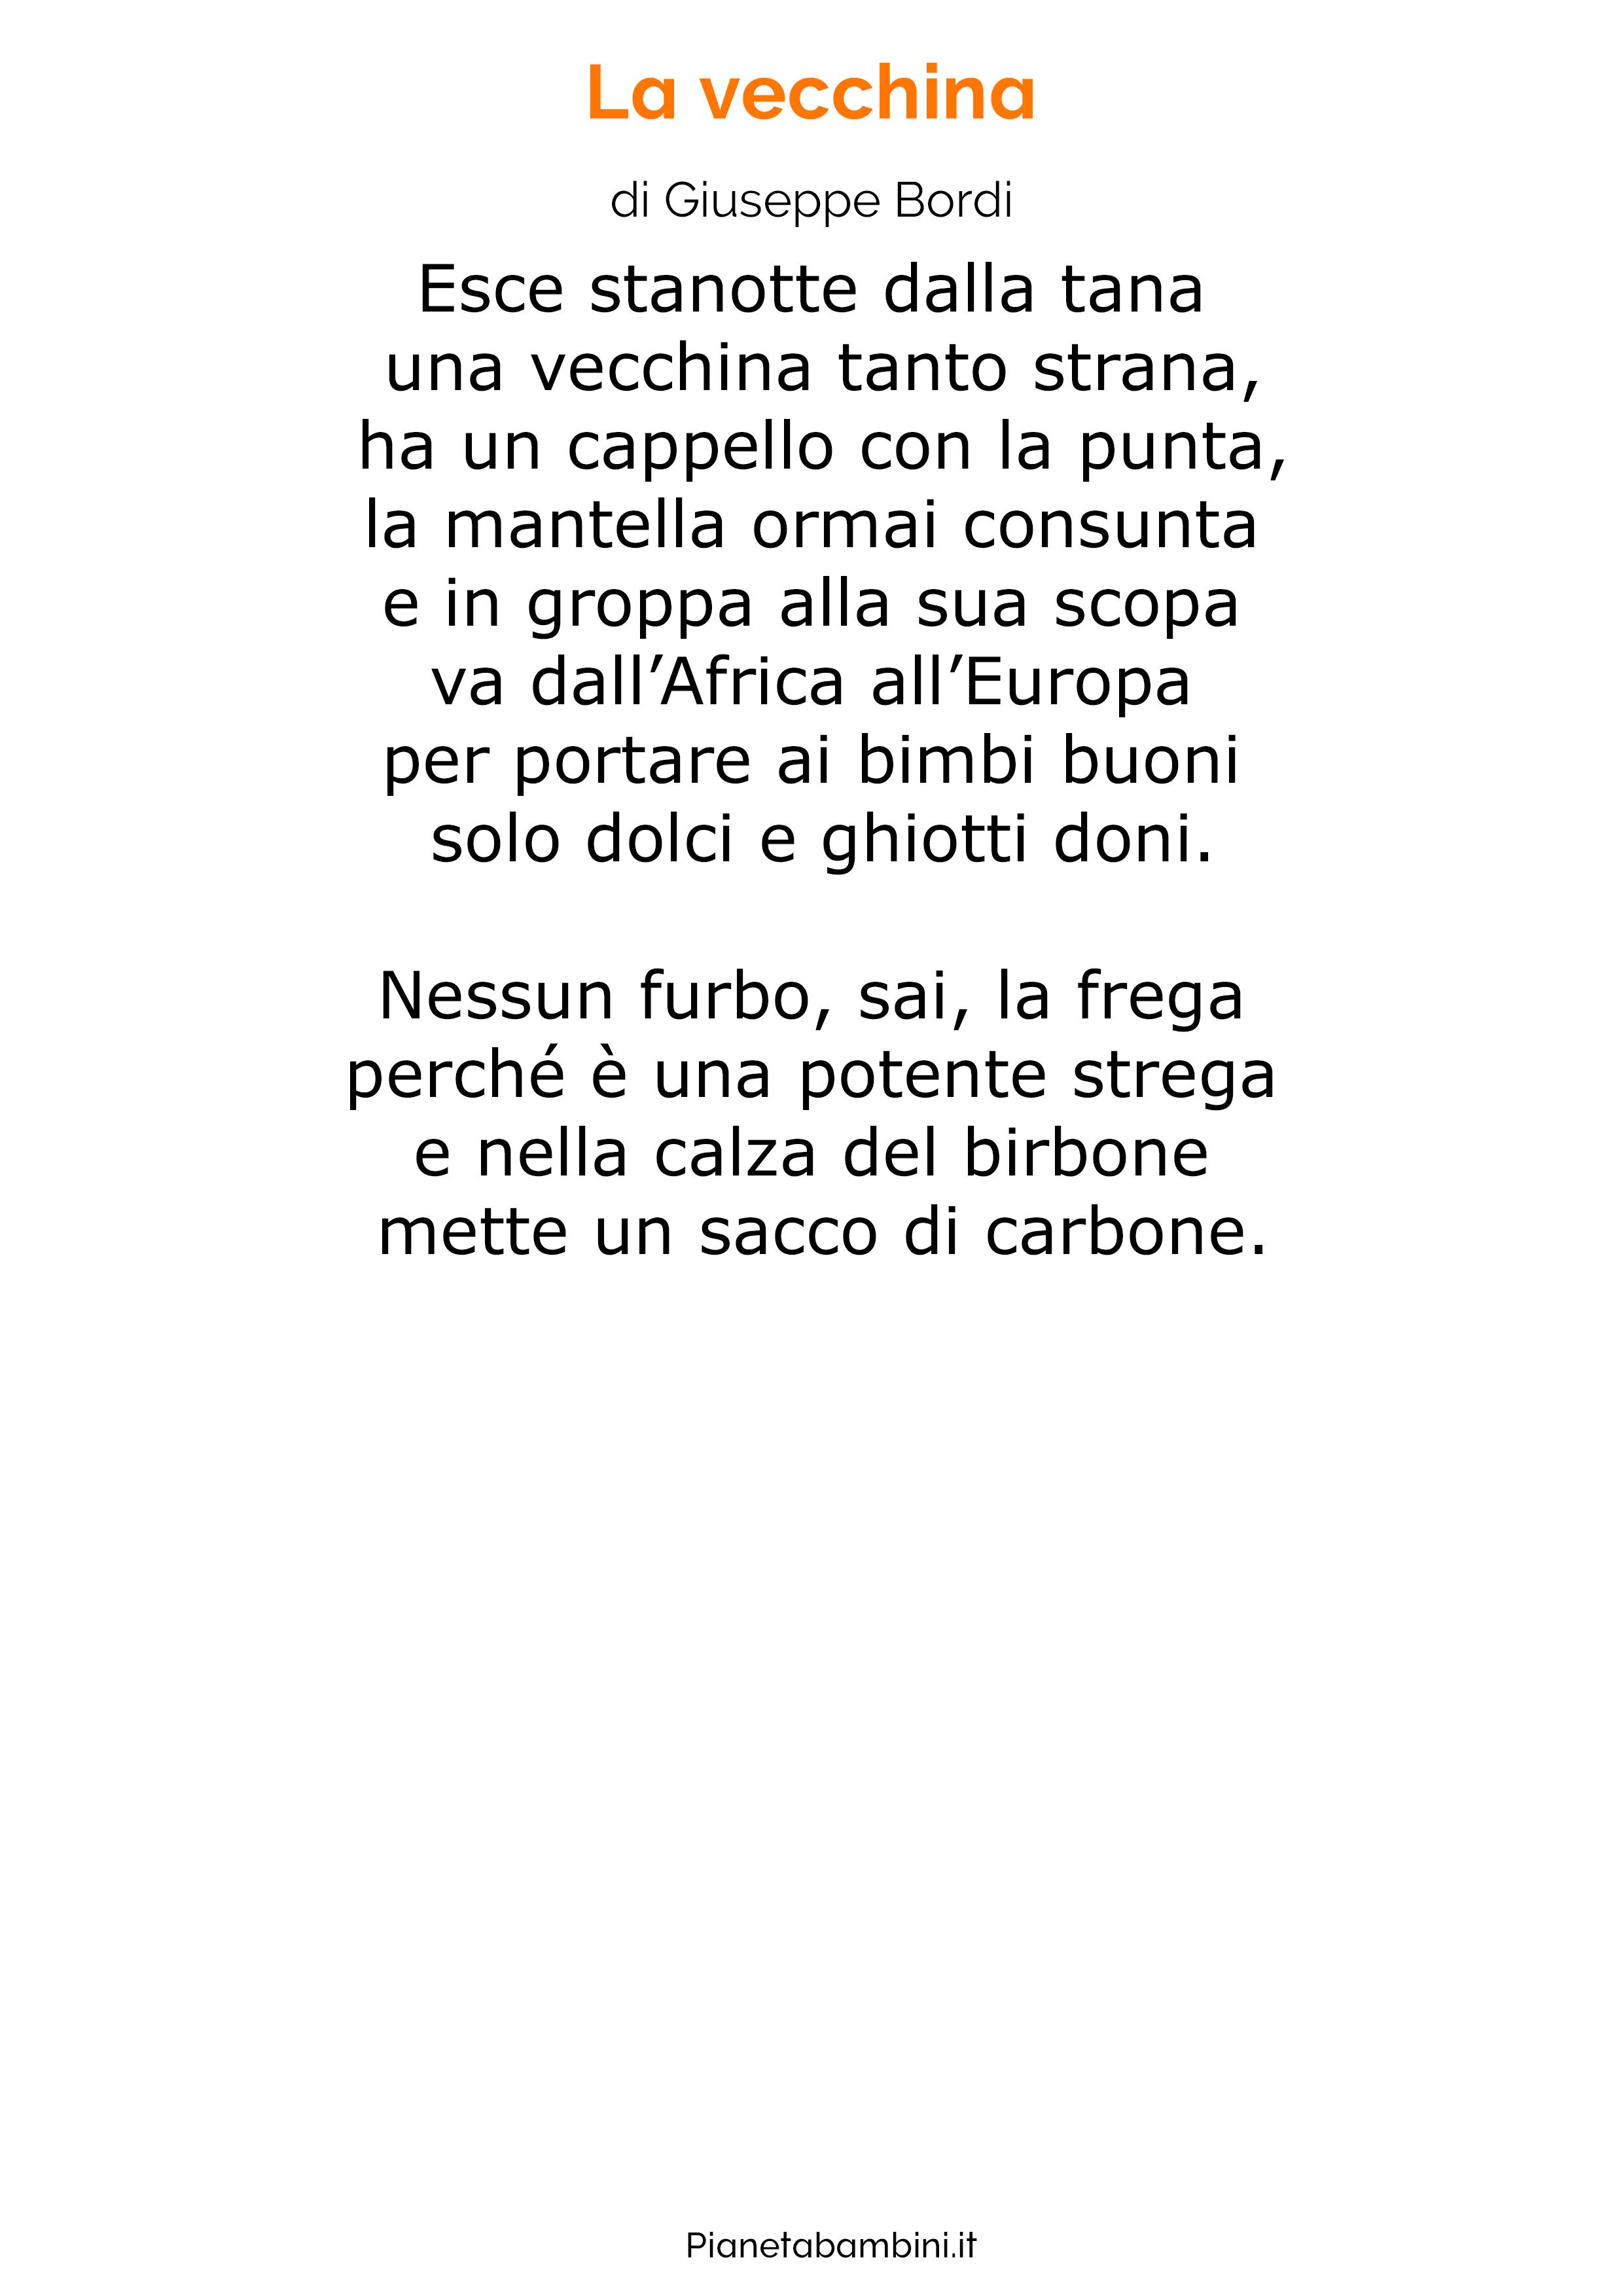 Poesia sulla Befana 15